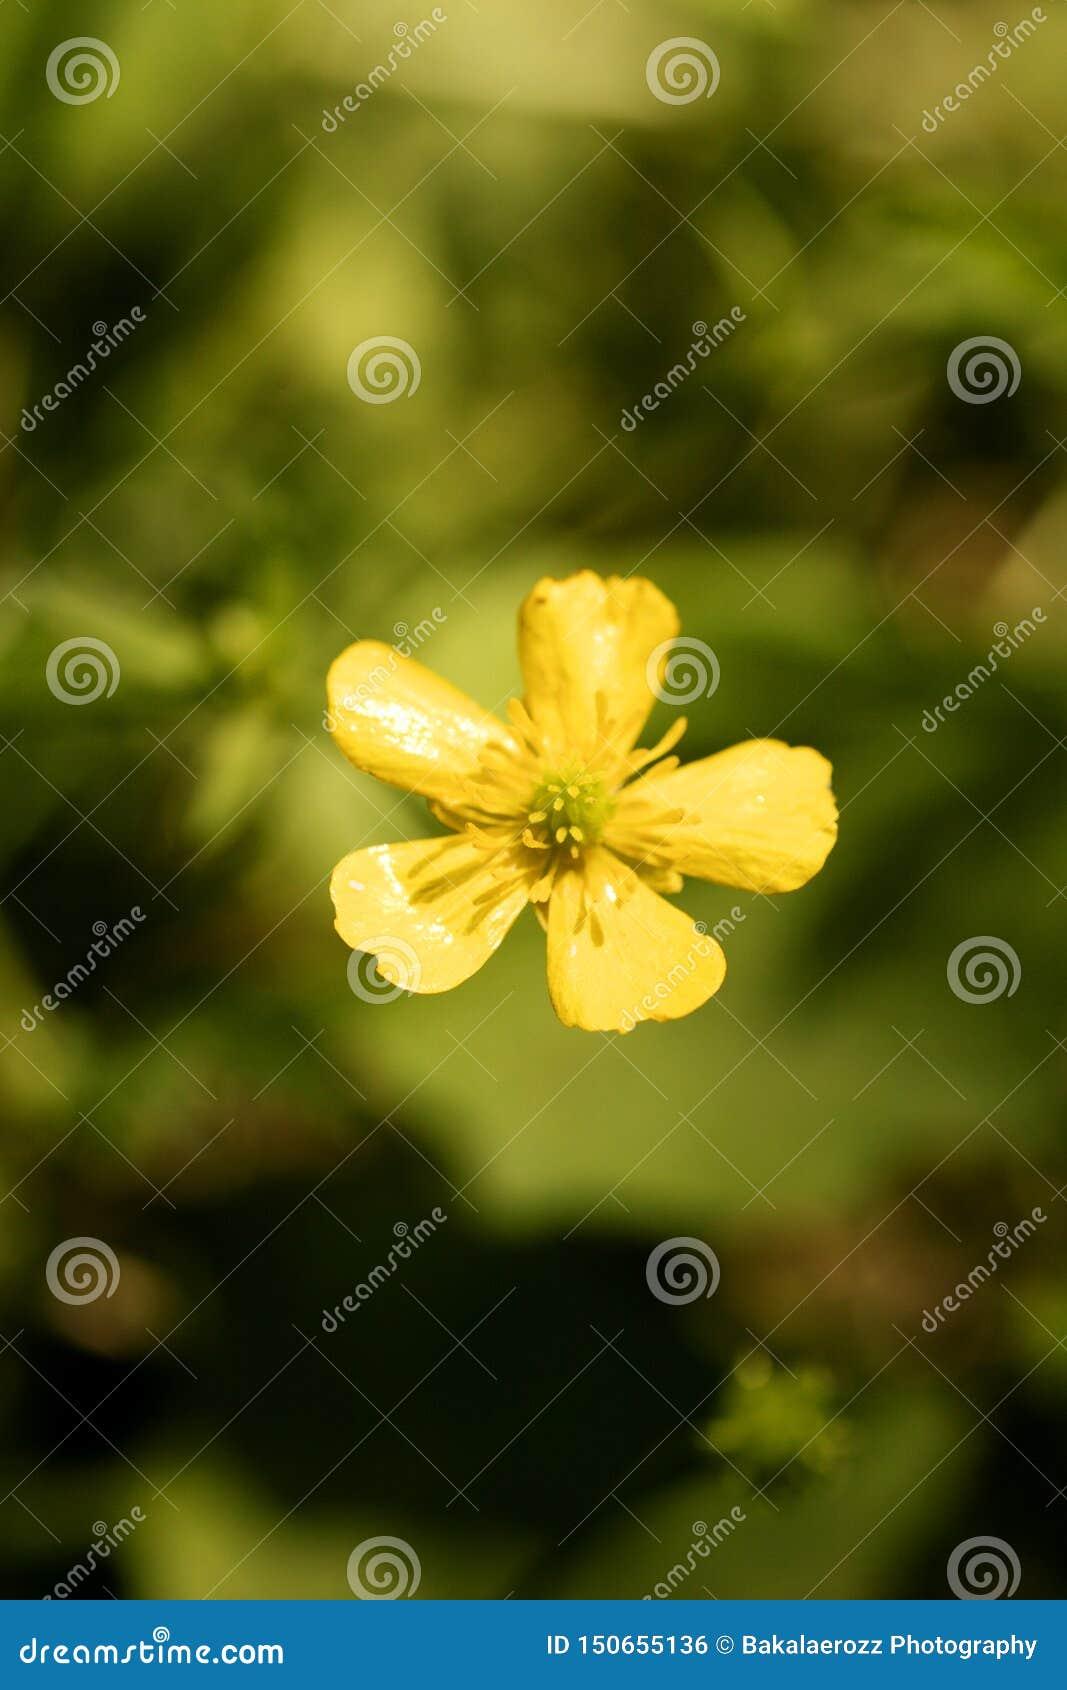 Blommaranunculusrepens eller för Ranunculaceaefamilj för krypa smörblomma konst för bakgrund för makro i högkvalitativa tryckprod